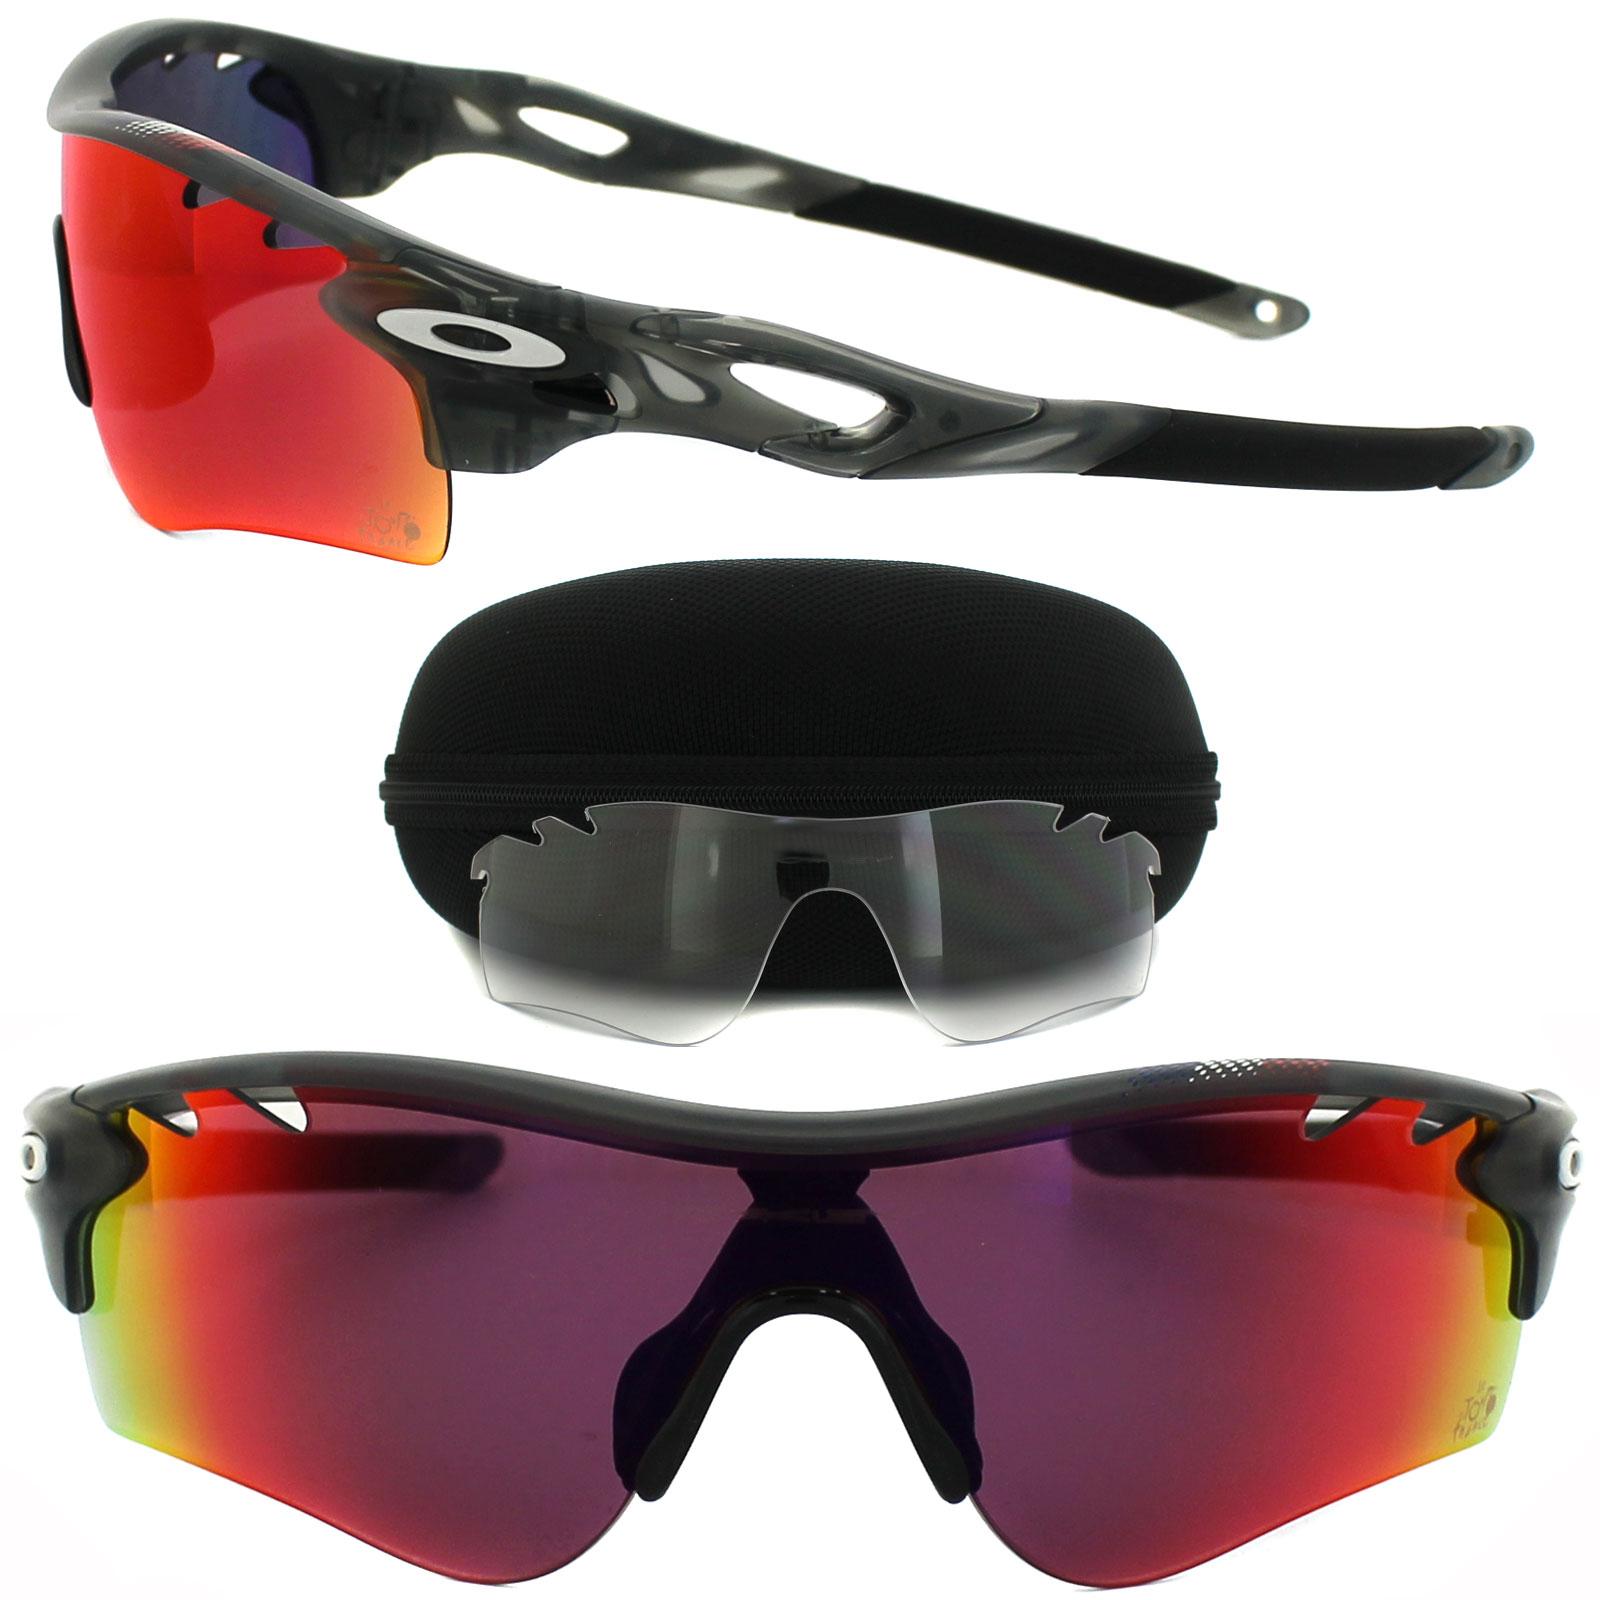 oakley radarlock on sale  oakley radarlock path sunglasses thumbnail 1 oakley radarlock path sunglasses thumbnail 2